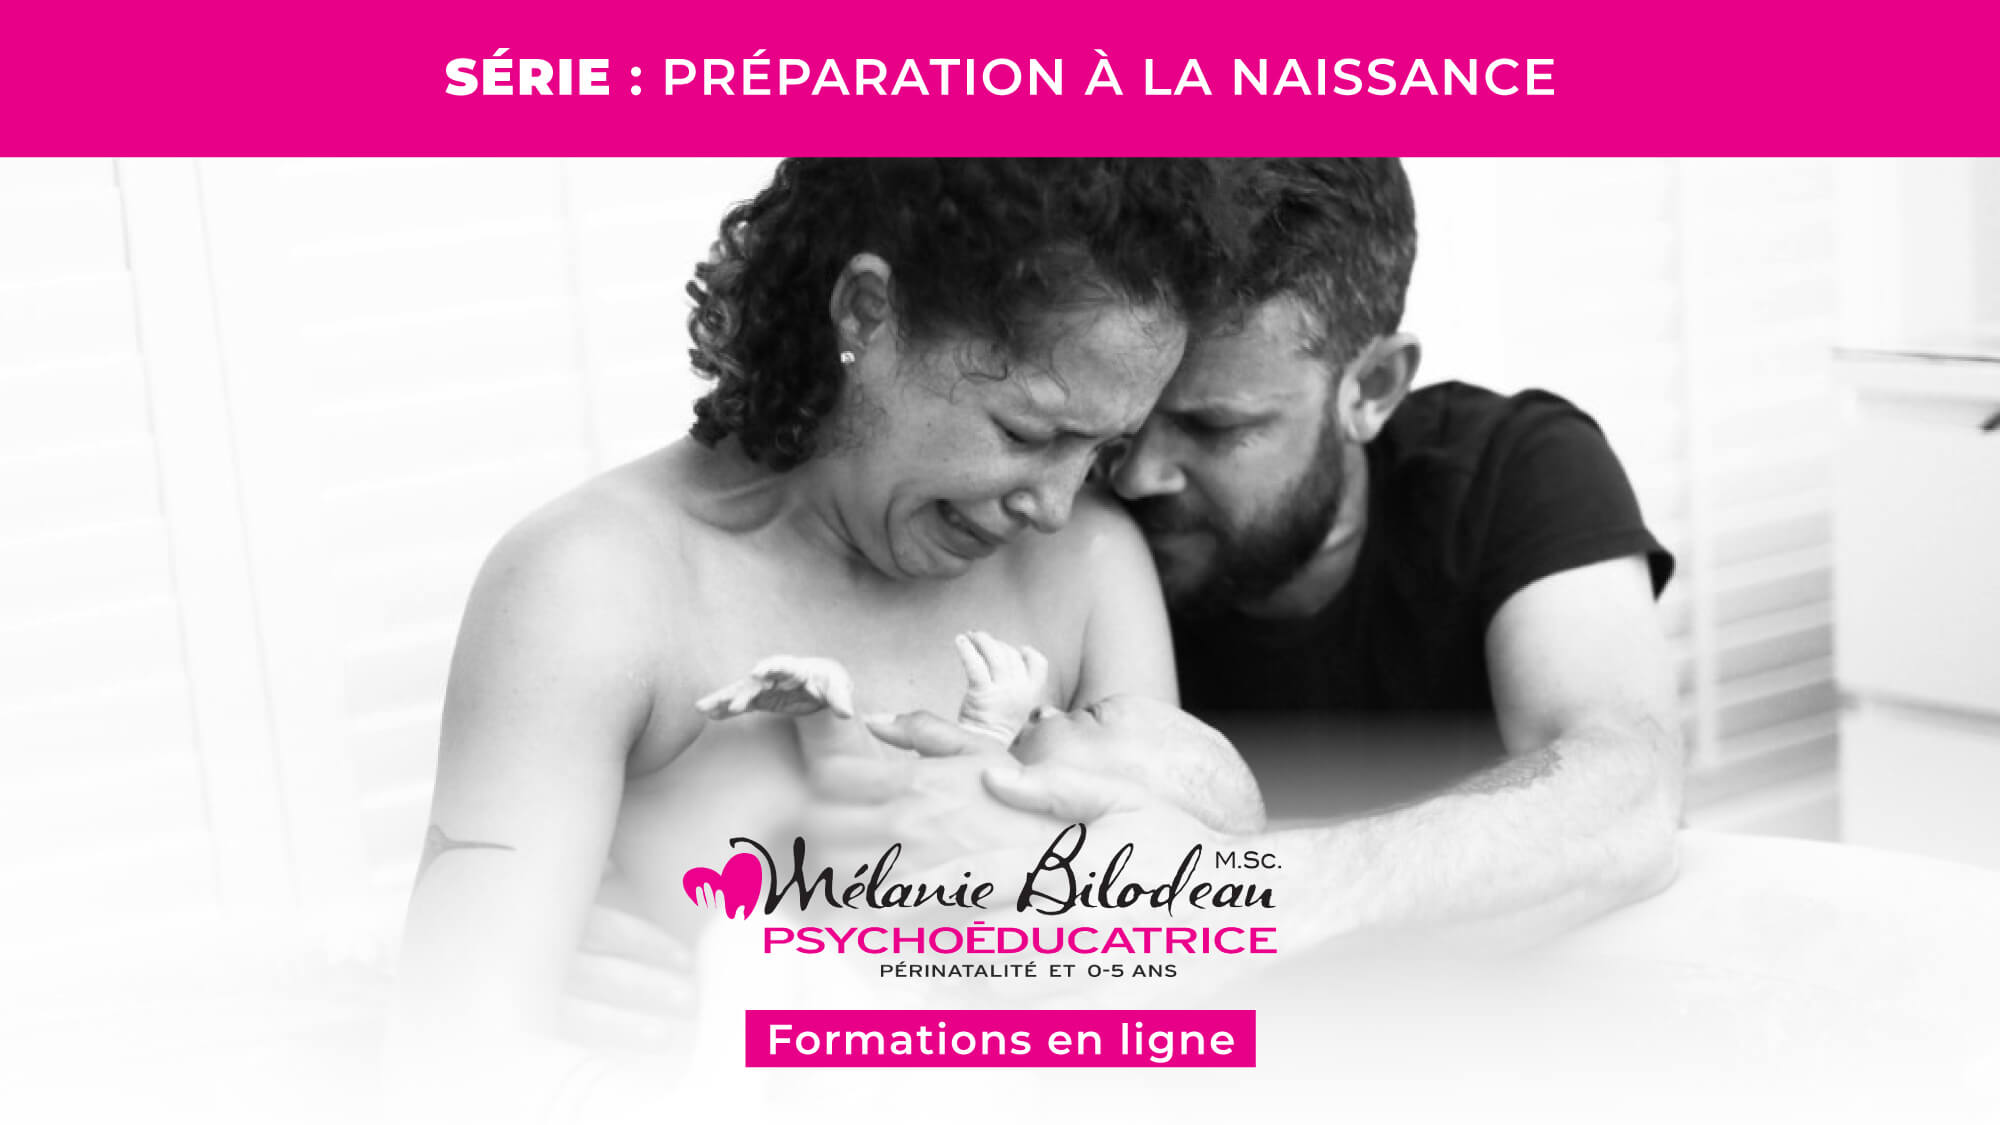 Préparation à la naissance en ligne